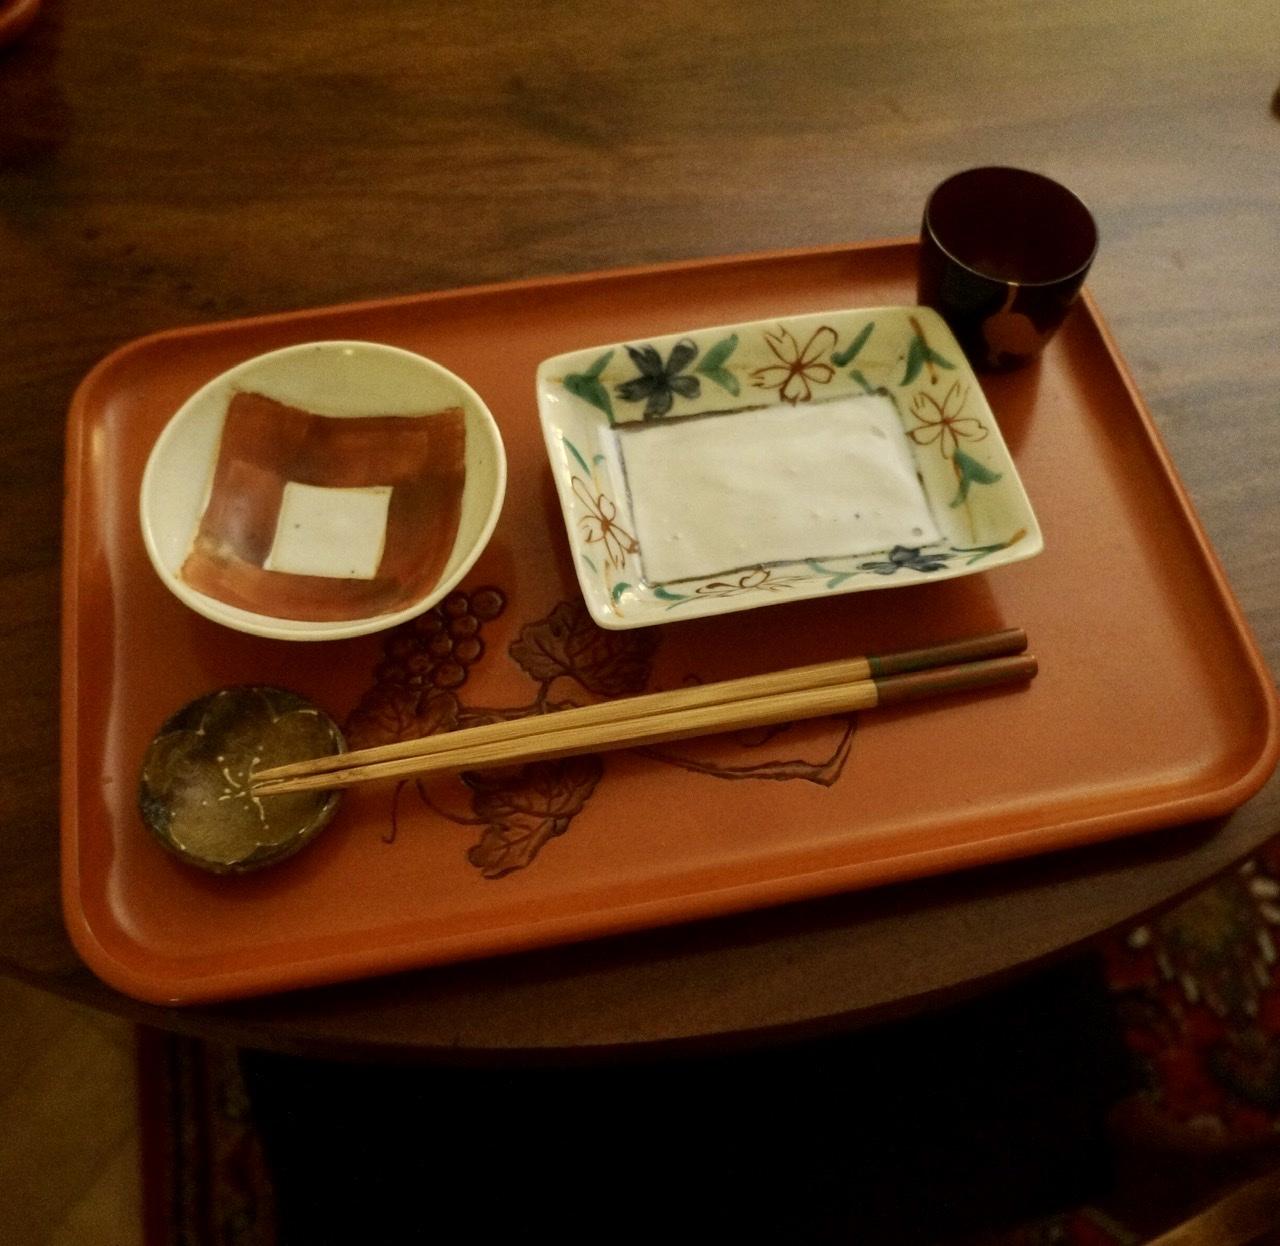 土曜日晩餐は魚三昧_c0180686_09335724.jpeg